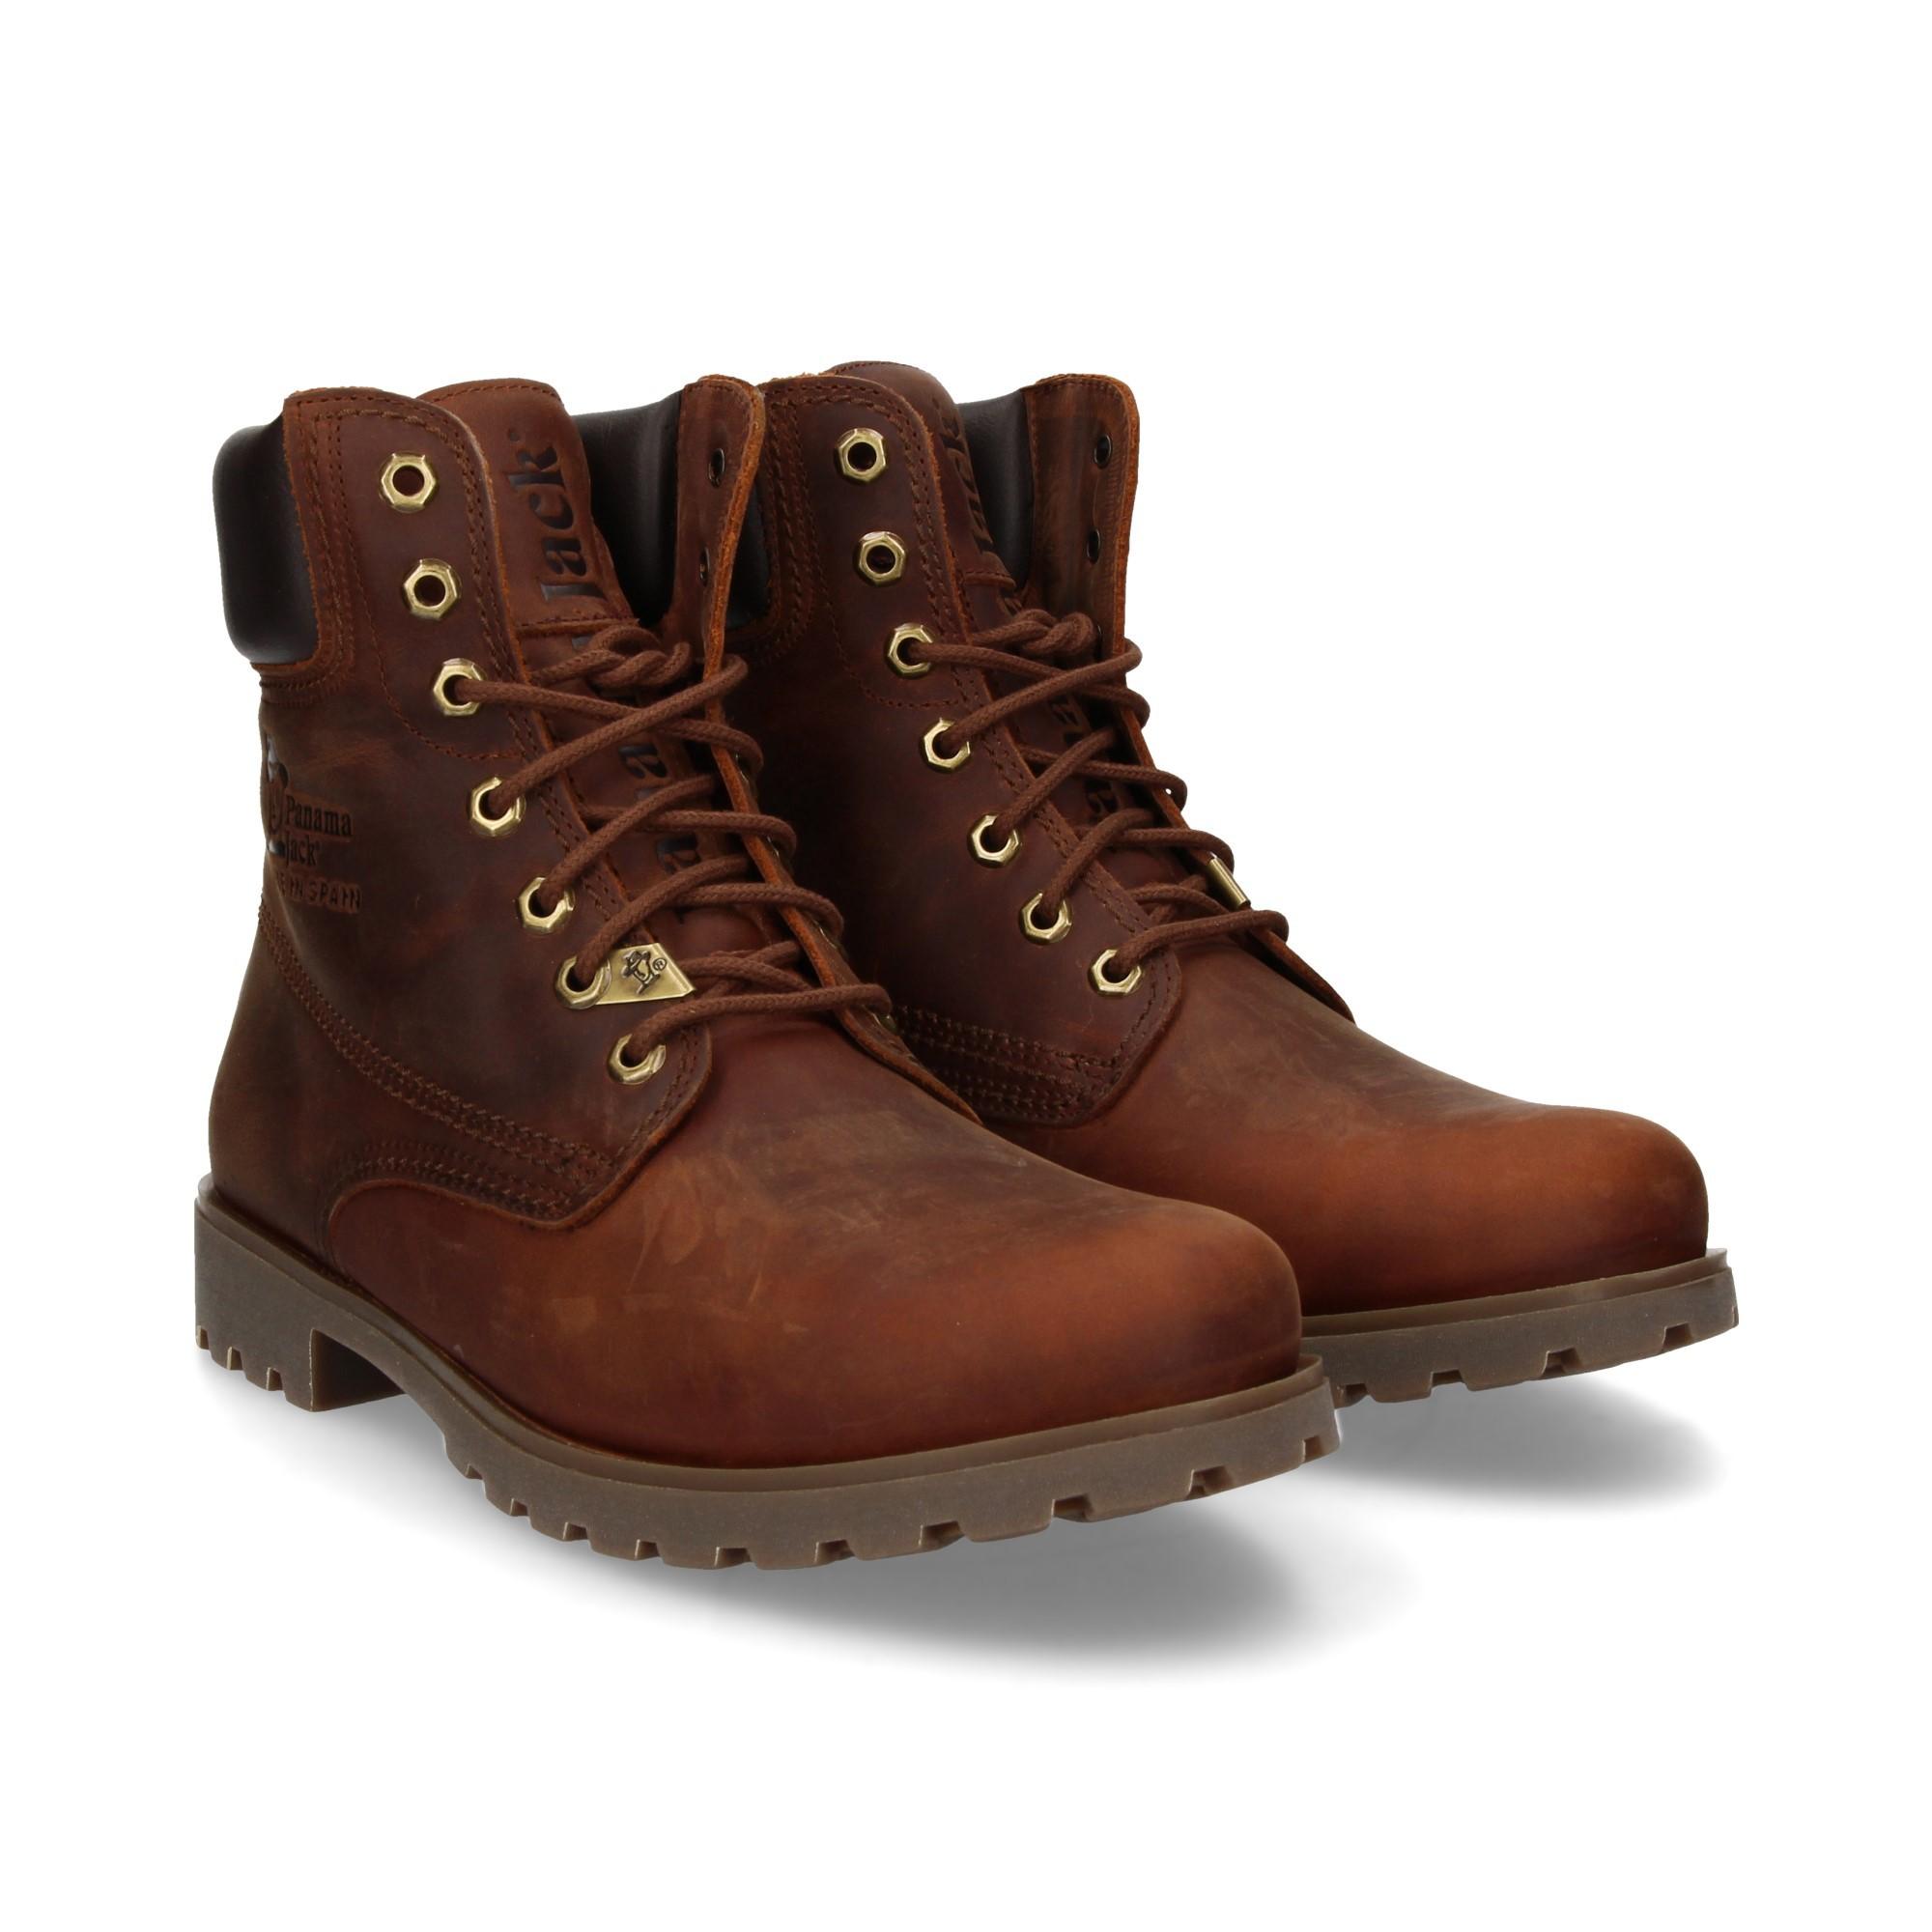 666117d3 PANAMA JACK Men's Ankle Boots PANAMA03 C8 NAPA G.CUERO